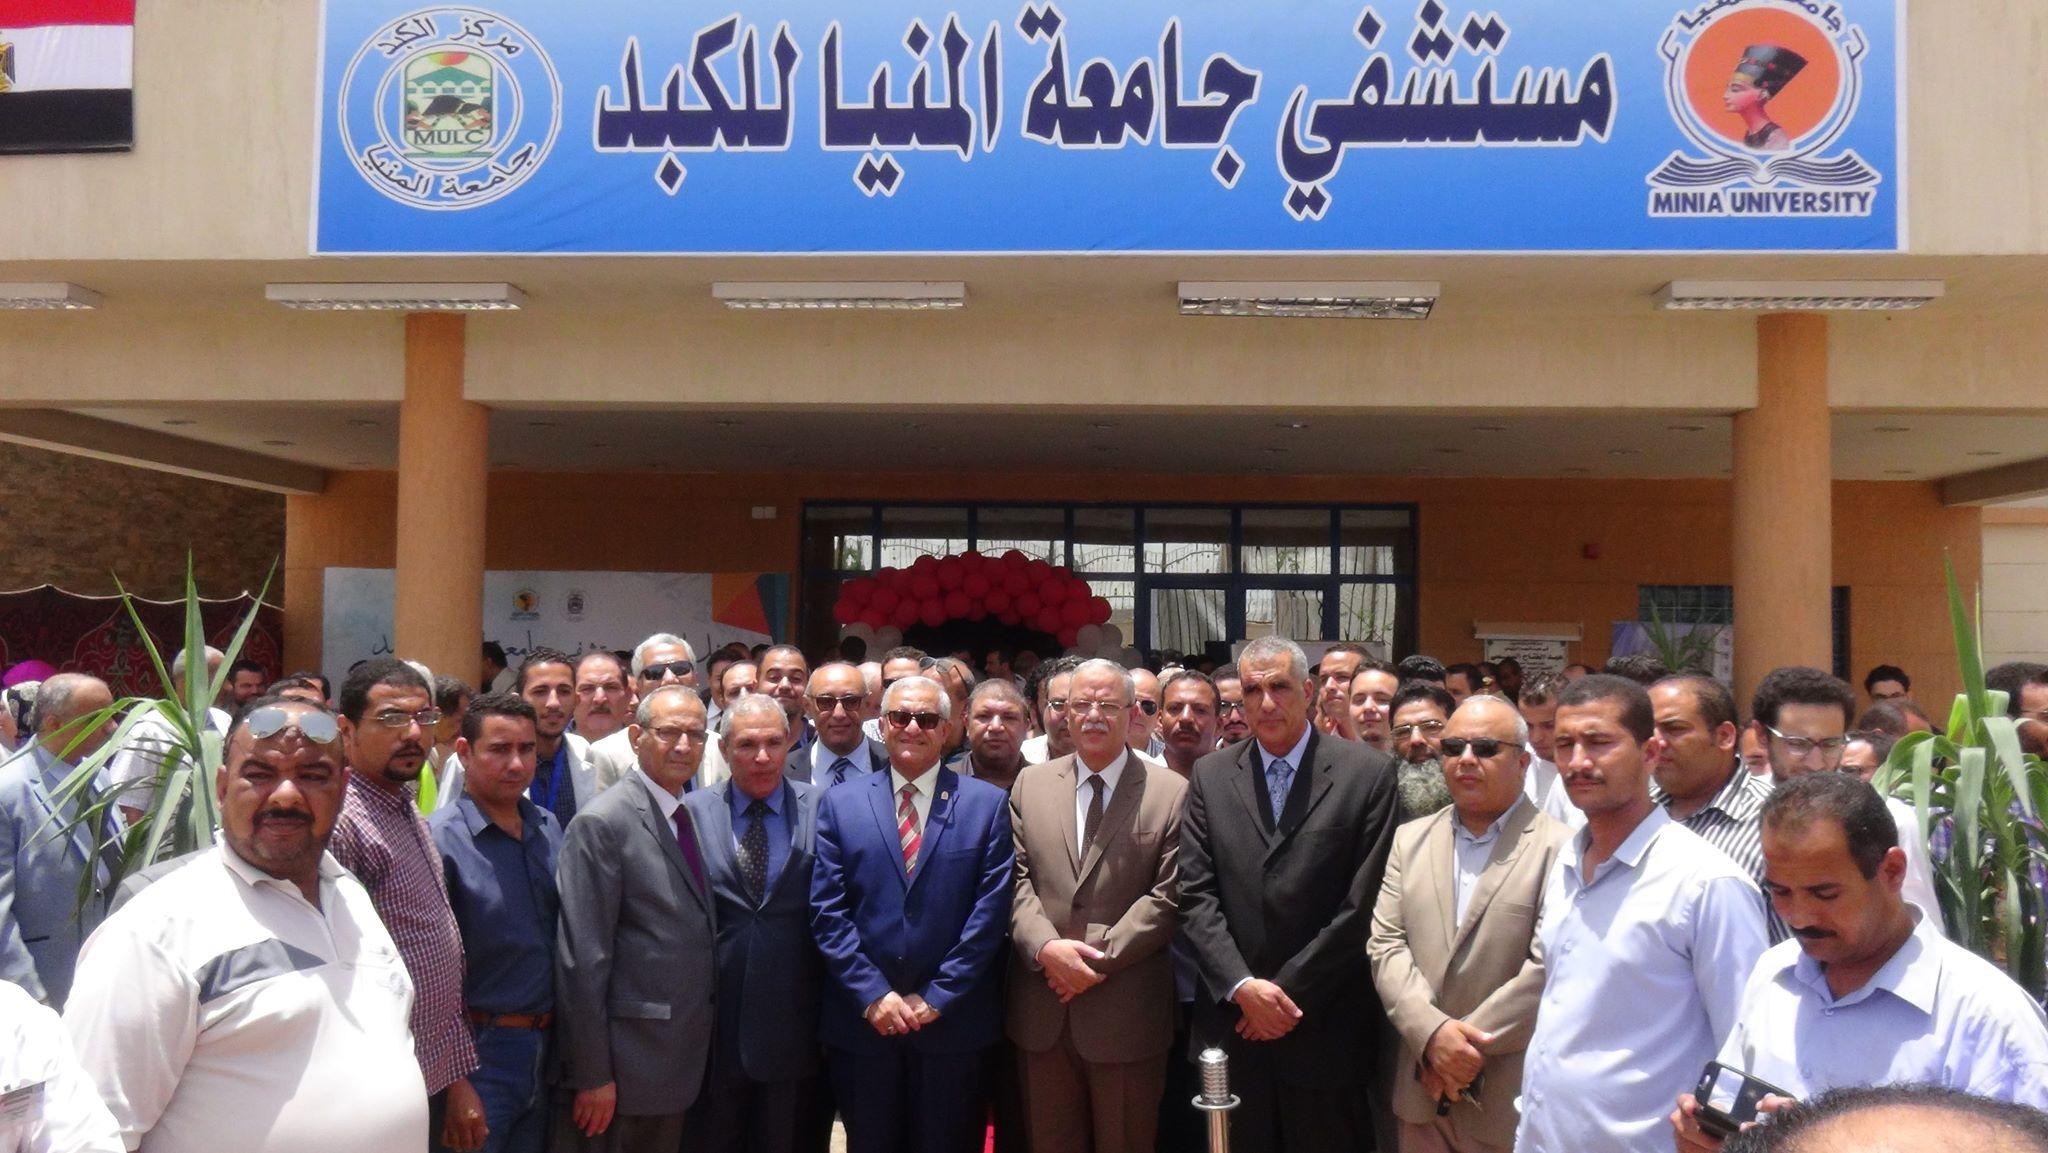 افتتاح مستشفى الكبد بجامعة المنيا